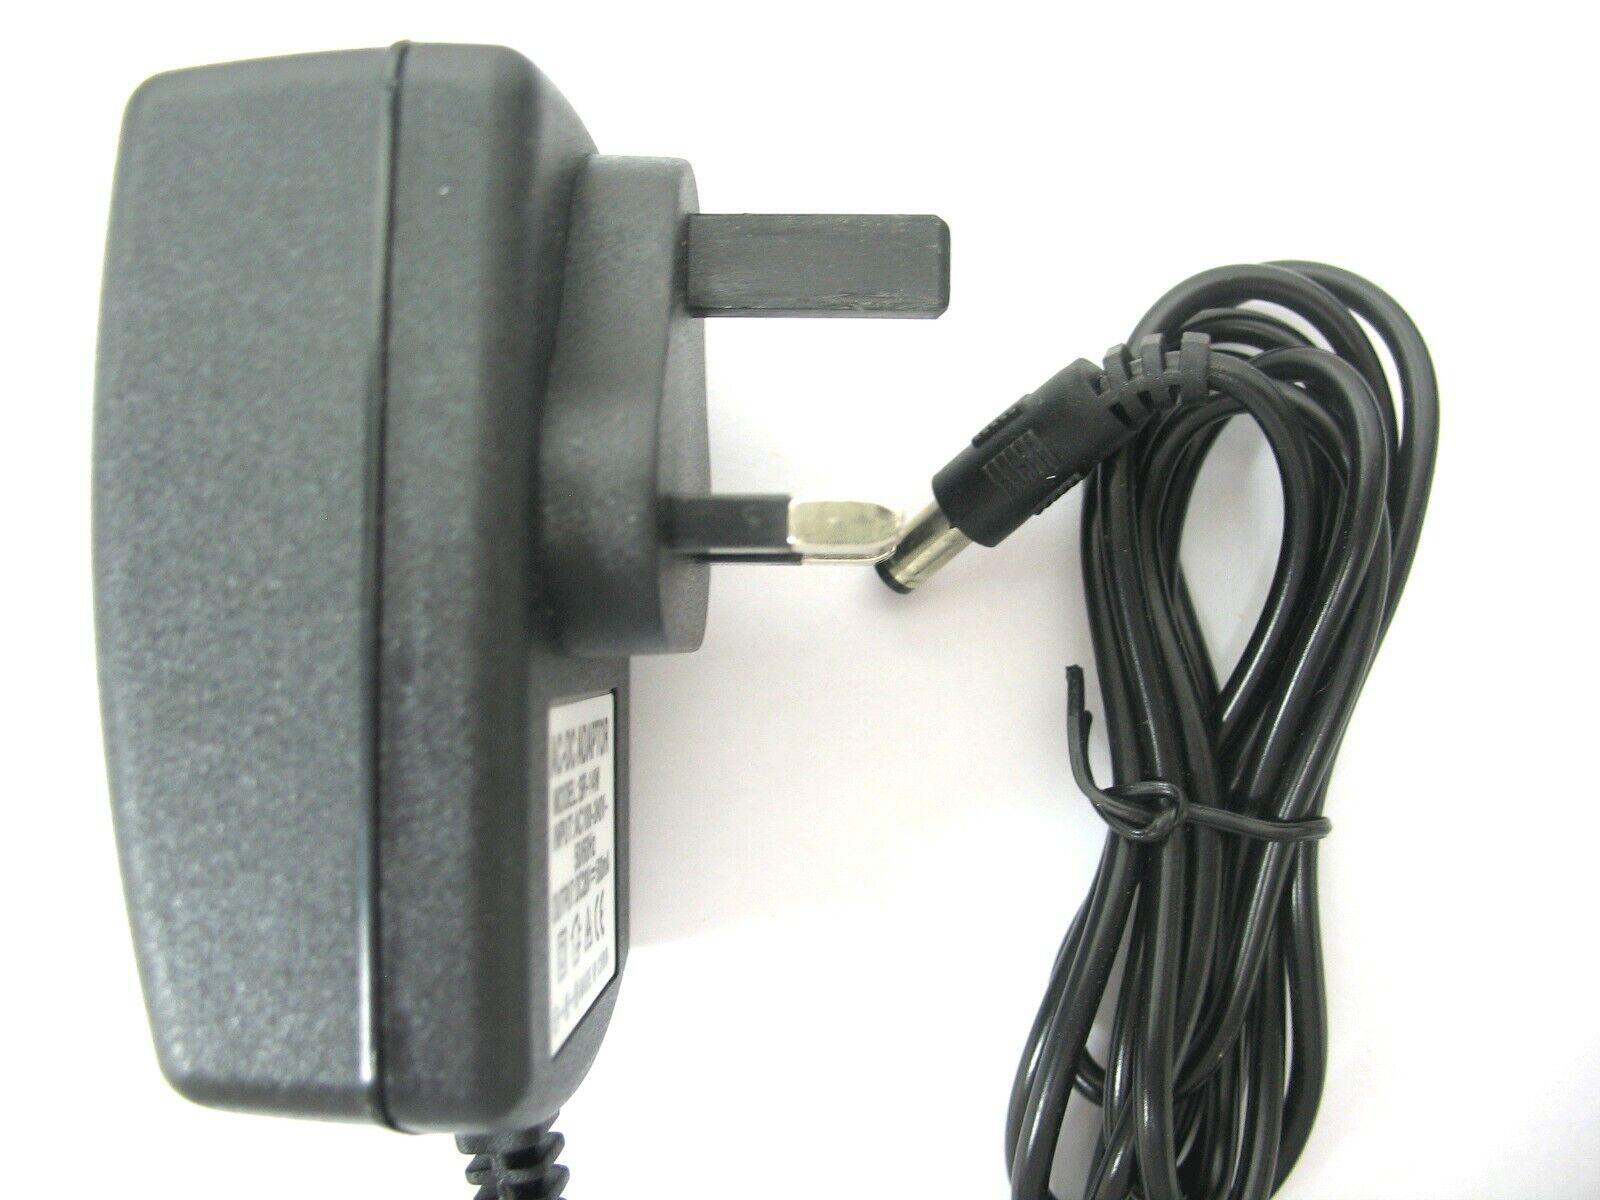 0.5 amp 22 volt AC-DC Mains Regulated Power Adaptor/Supply/Charger (11 watt)